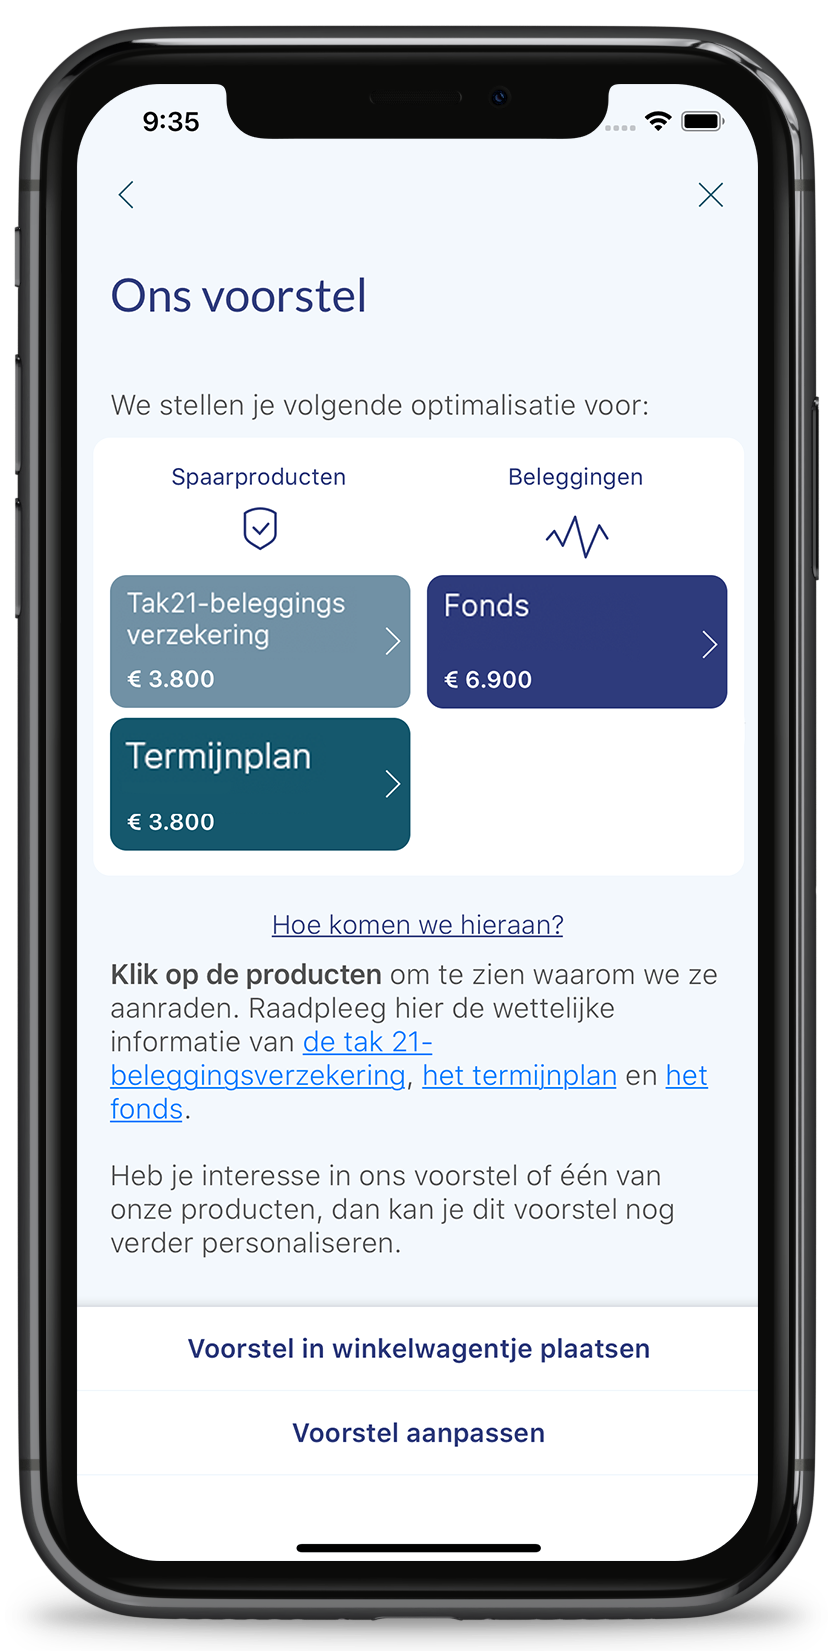 app_iphone_4